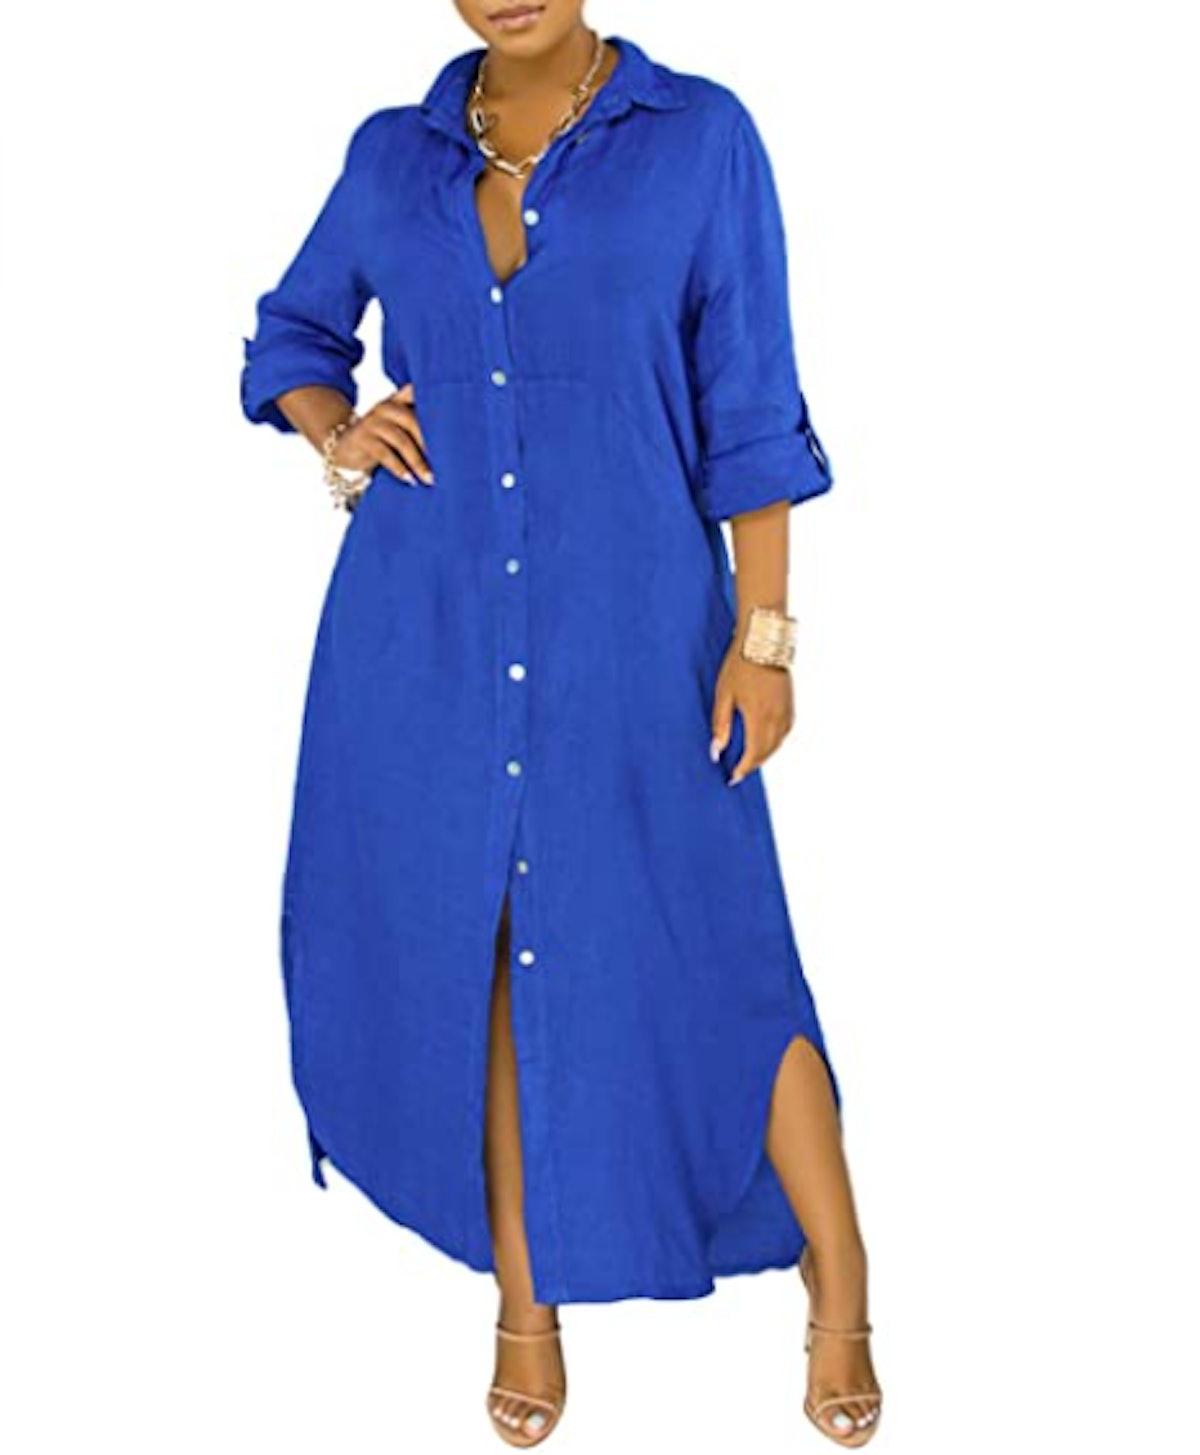 PerZeal Shirt Maxi Dress